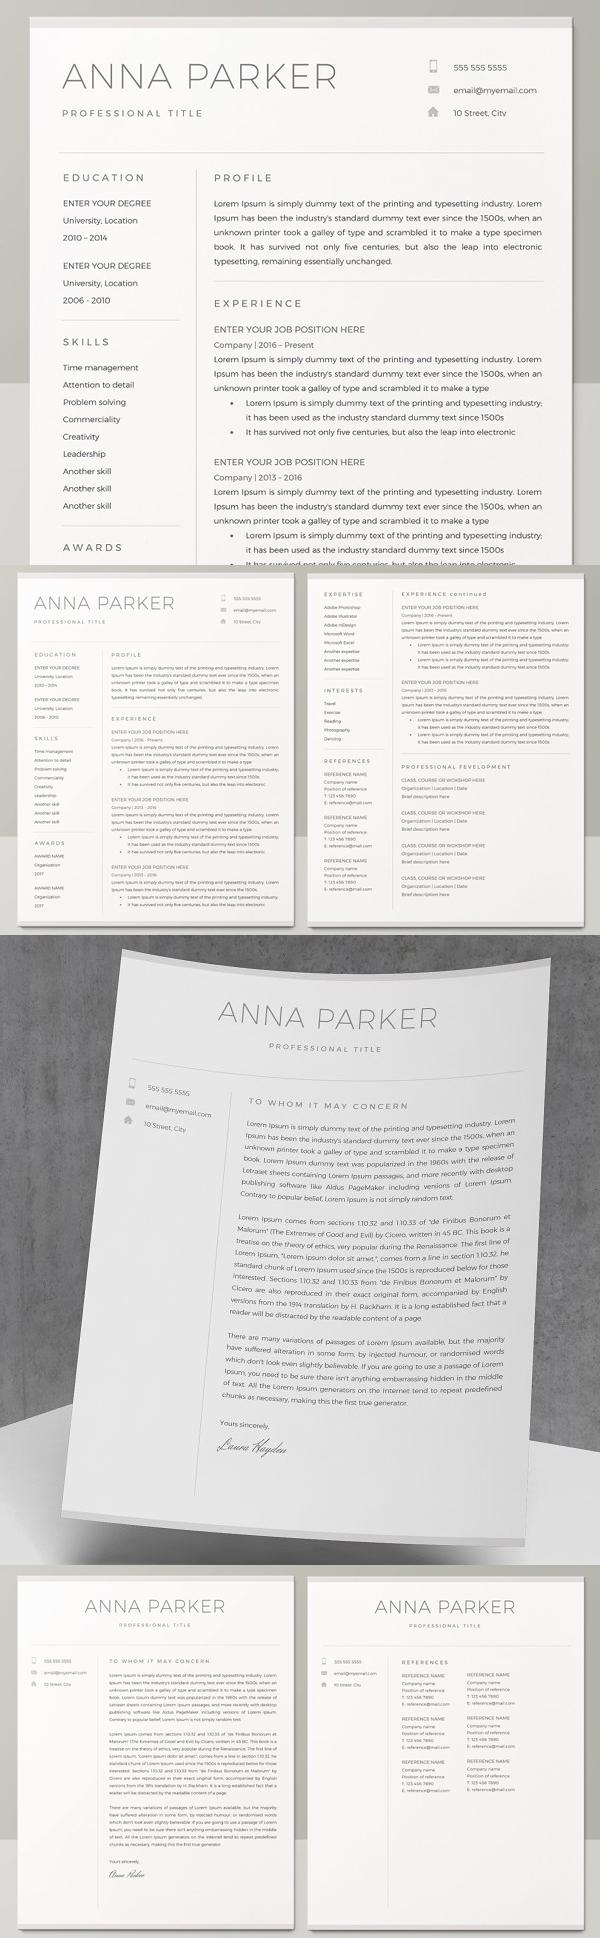 Simple Clean Resume Template / CV